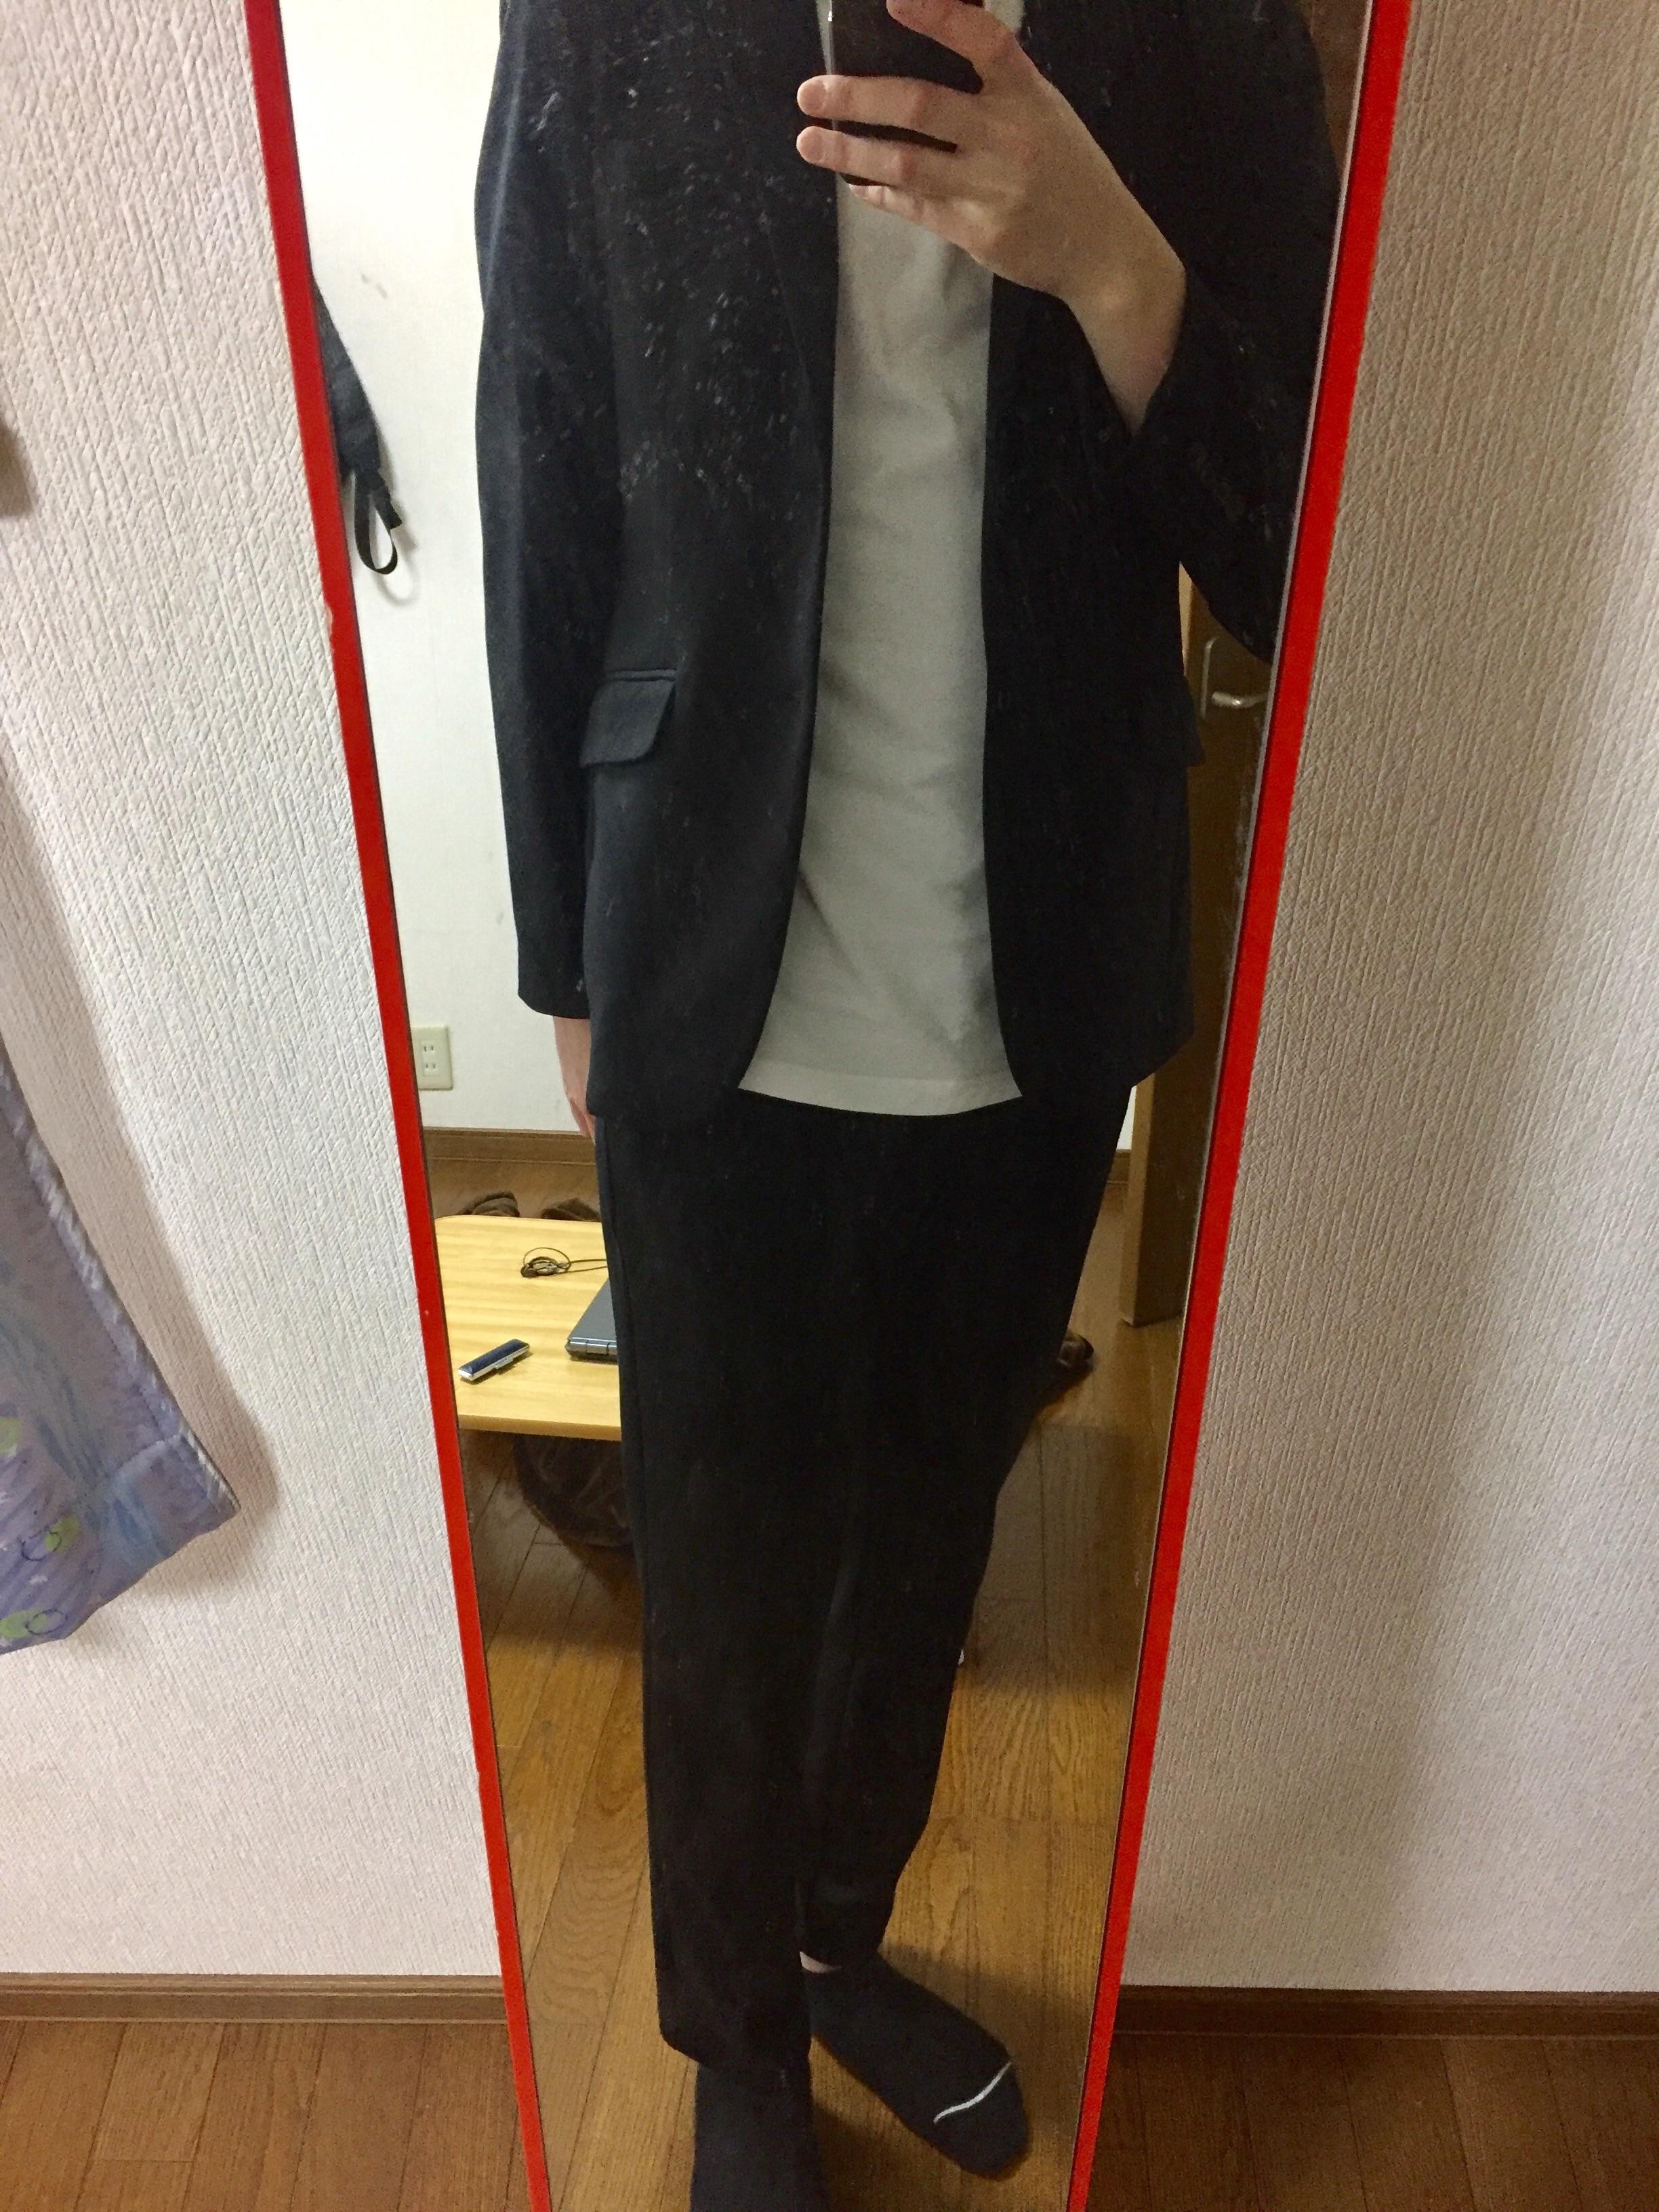 f:id:fukai19930806347:20170320180544j:image